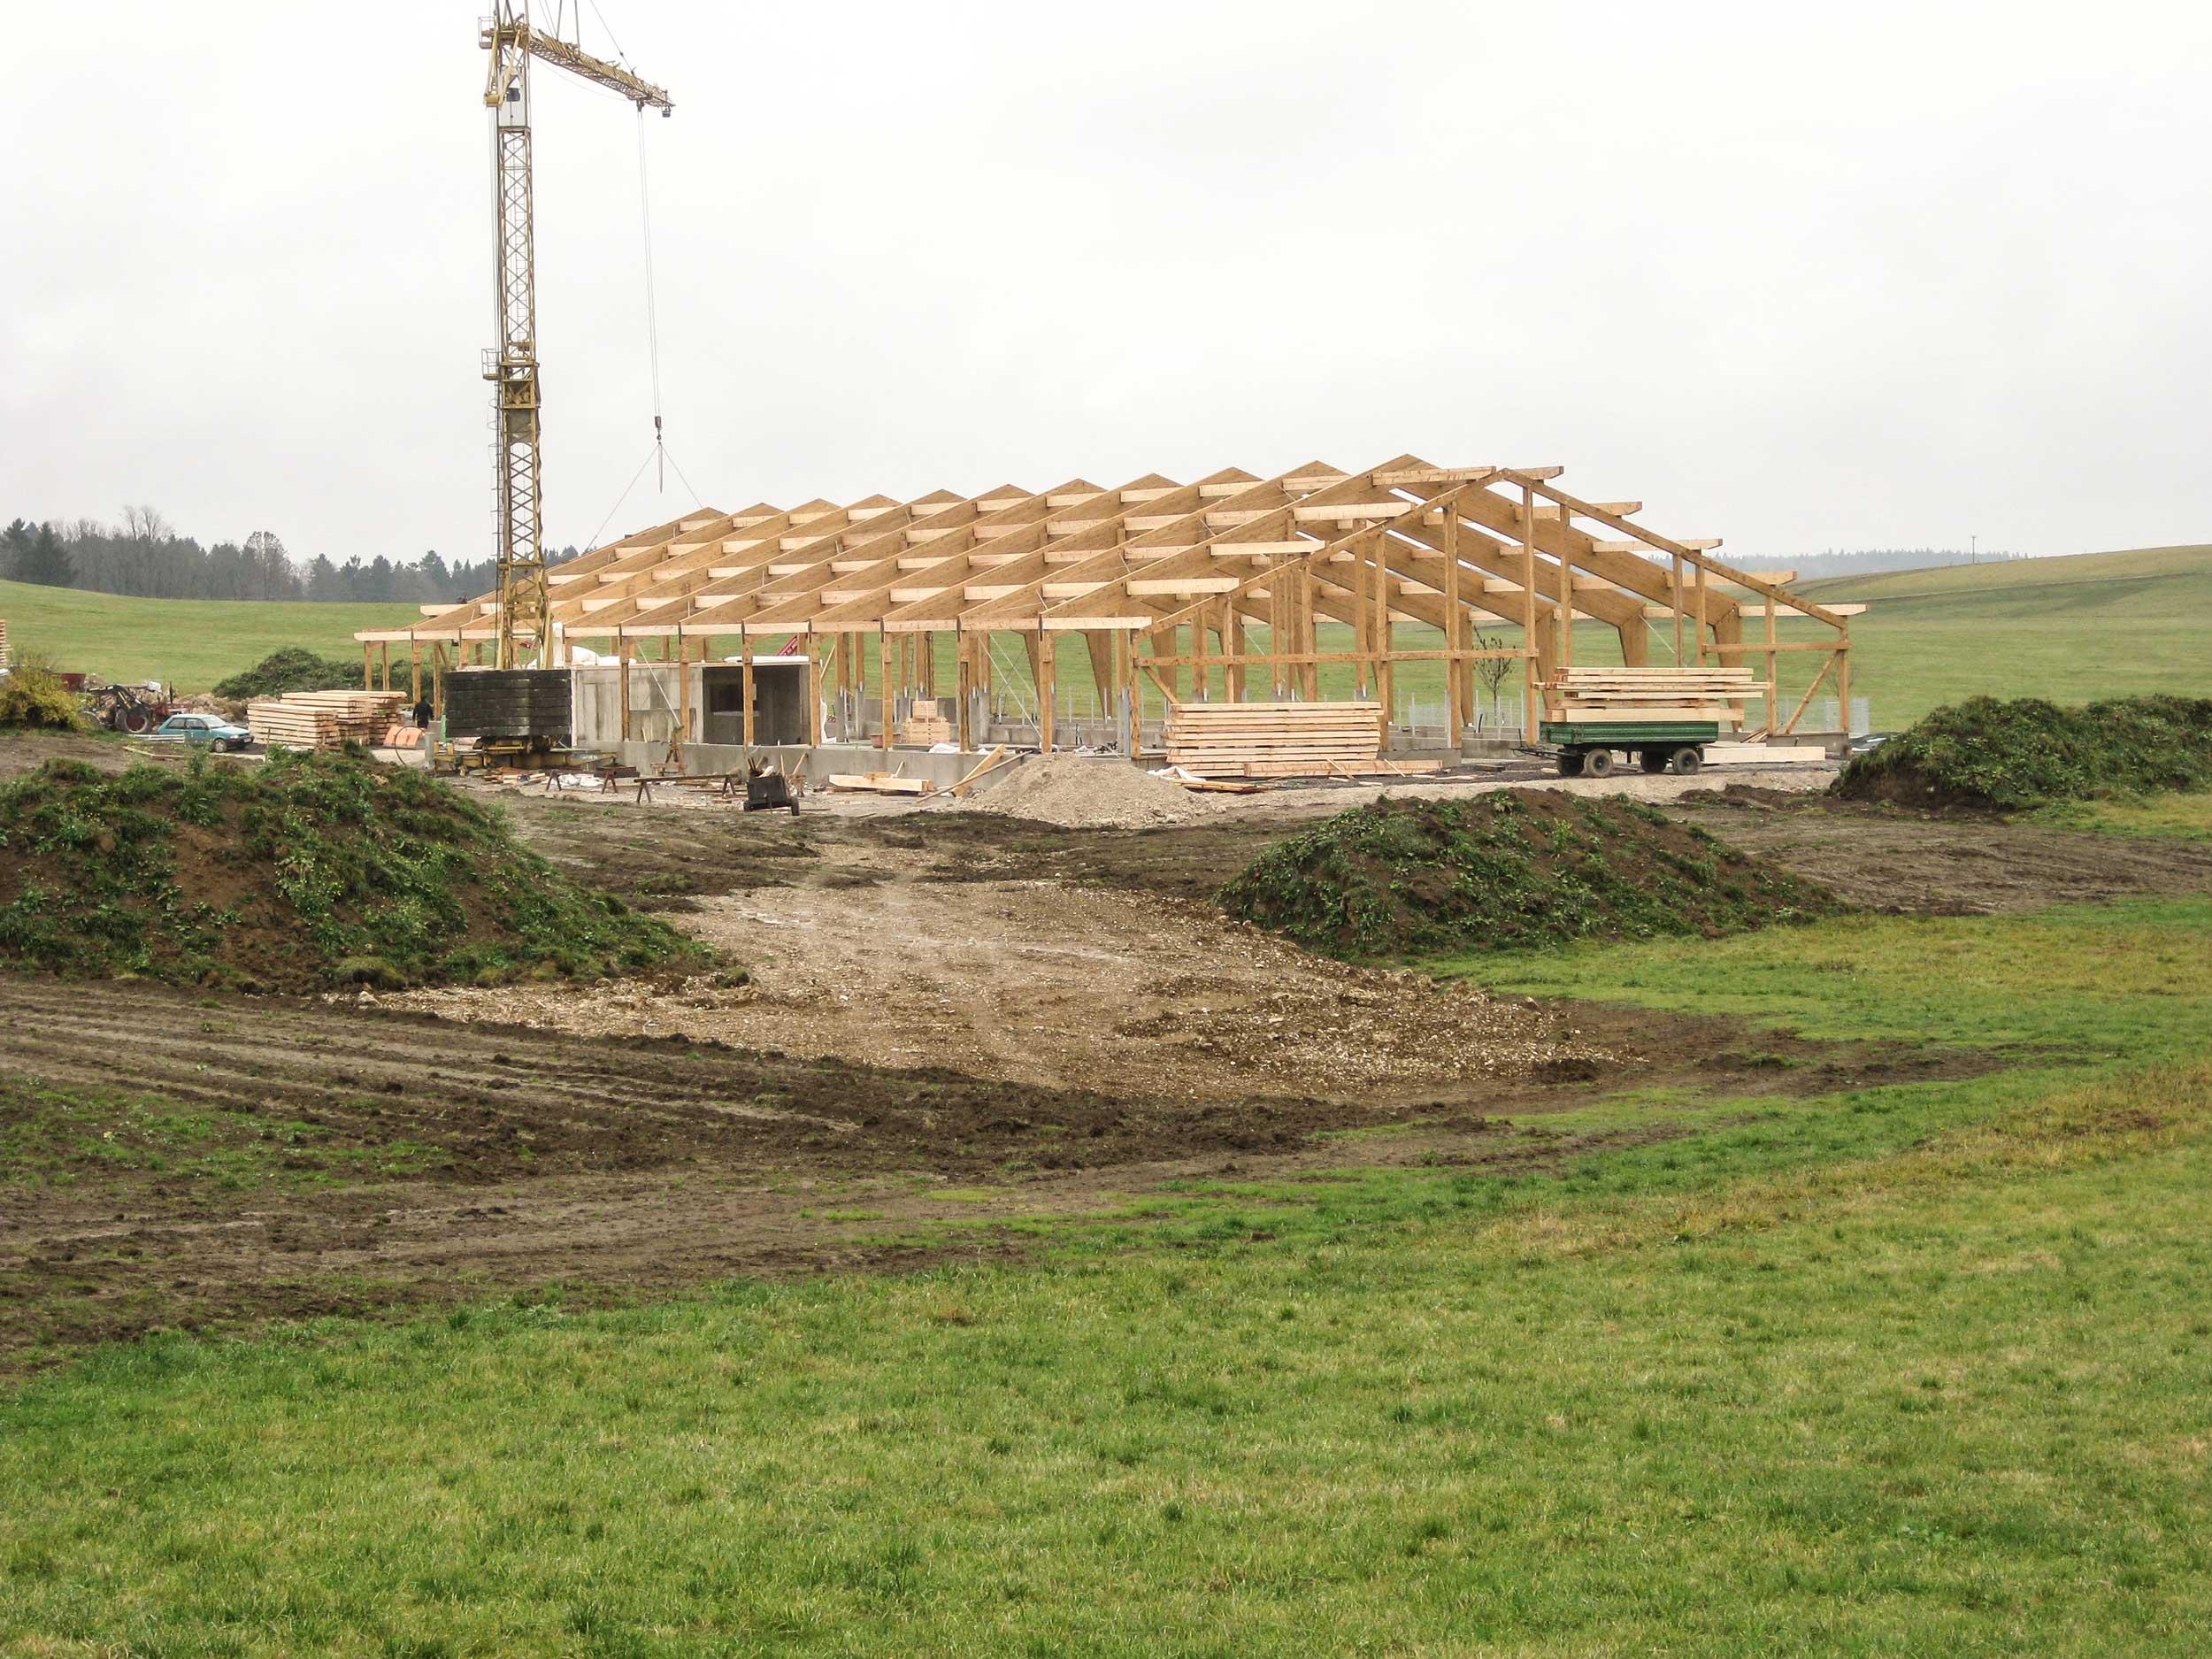 zimmerei-stoib-stall-binderkonstruktion-holzbau-holzhaus-02.jpg